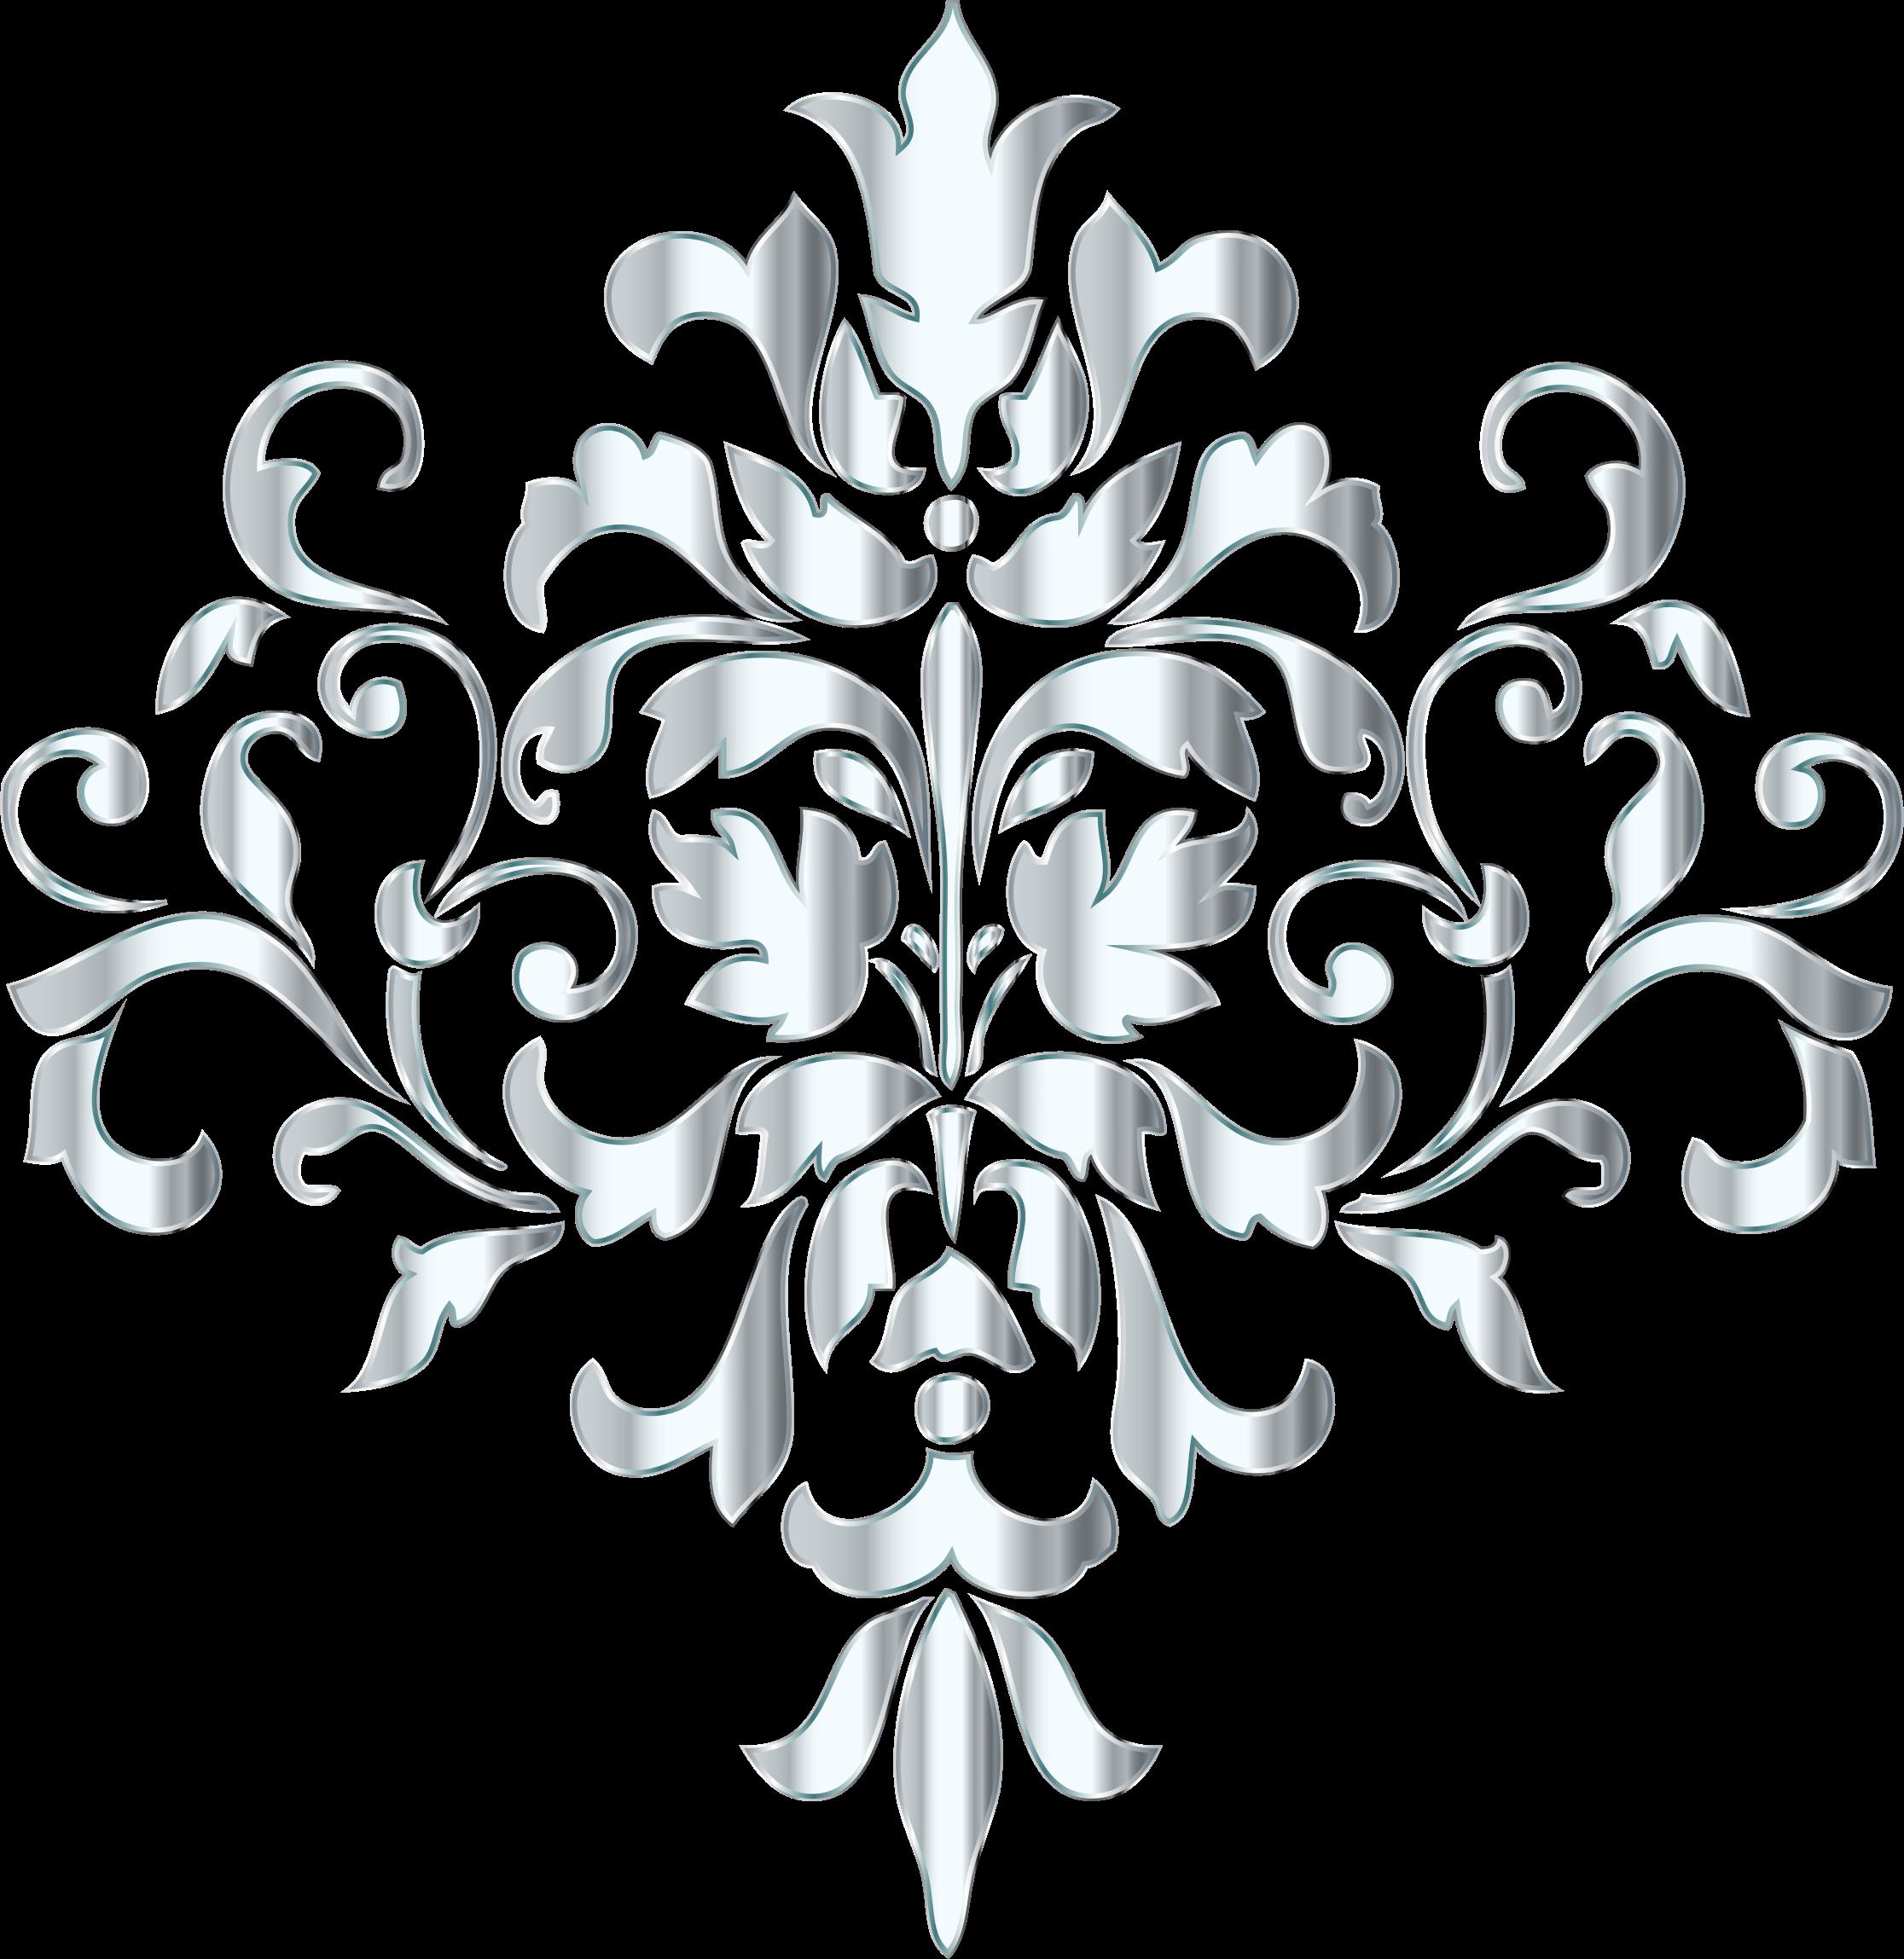 Damask design no background. Flourish clipart silver flower